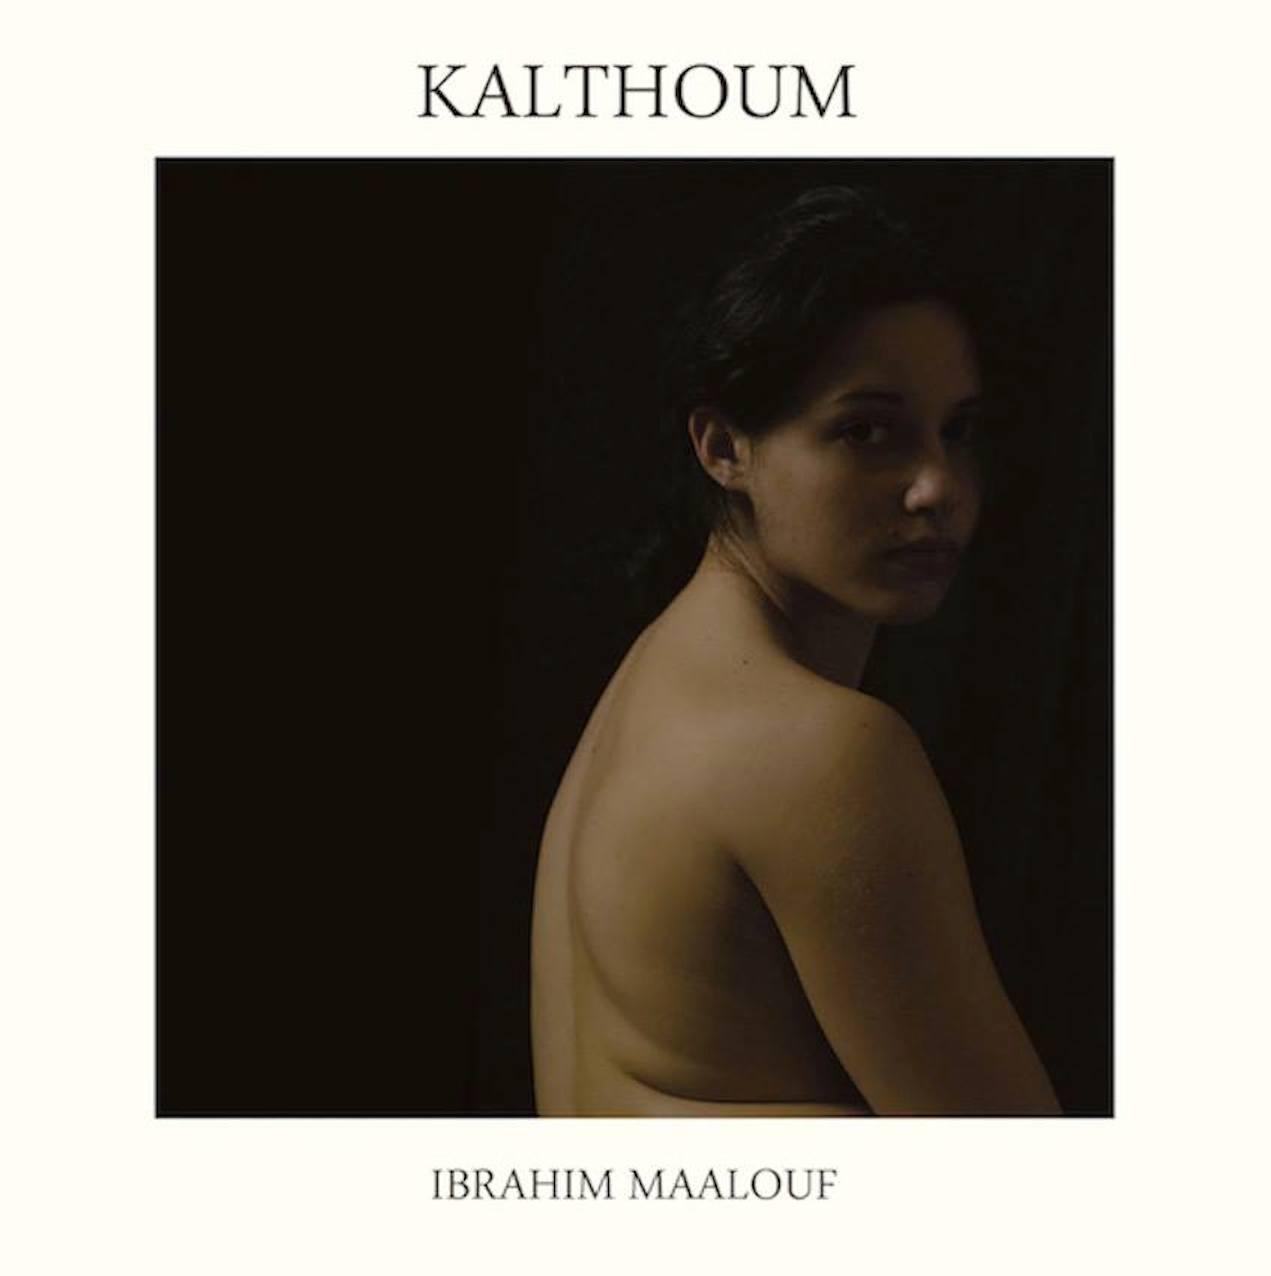 KALTHOUM D'IBRAHIM MAALOUF